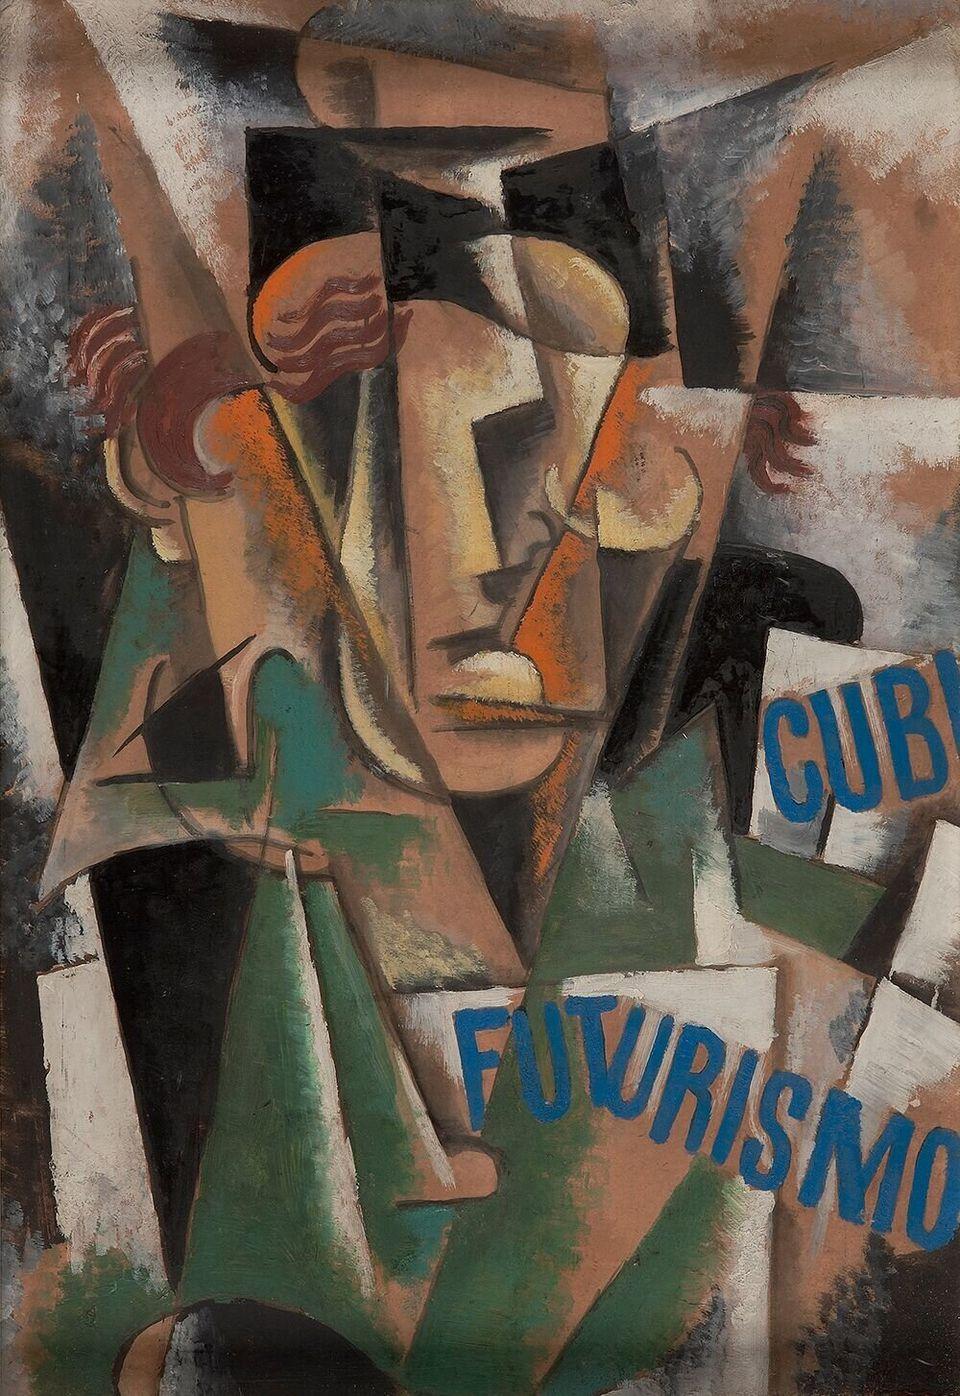 Λιουμπόβ Ποπόβα, Μελέτη για πορτρέτο, 1915, Λάδι σε χαρτόνι, 59.5 × 41.6, Αμφίπλευρο